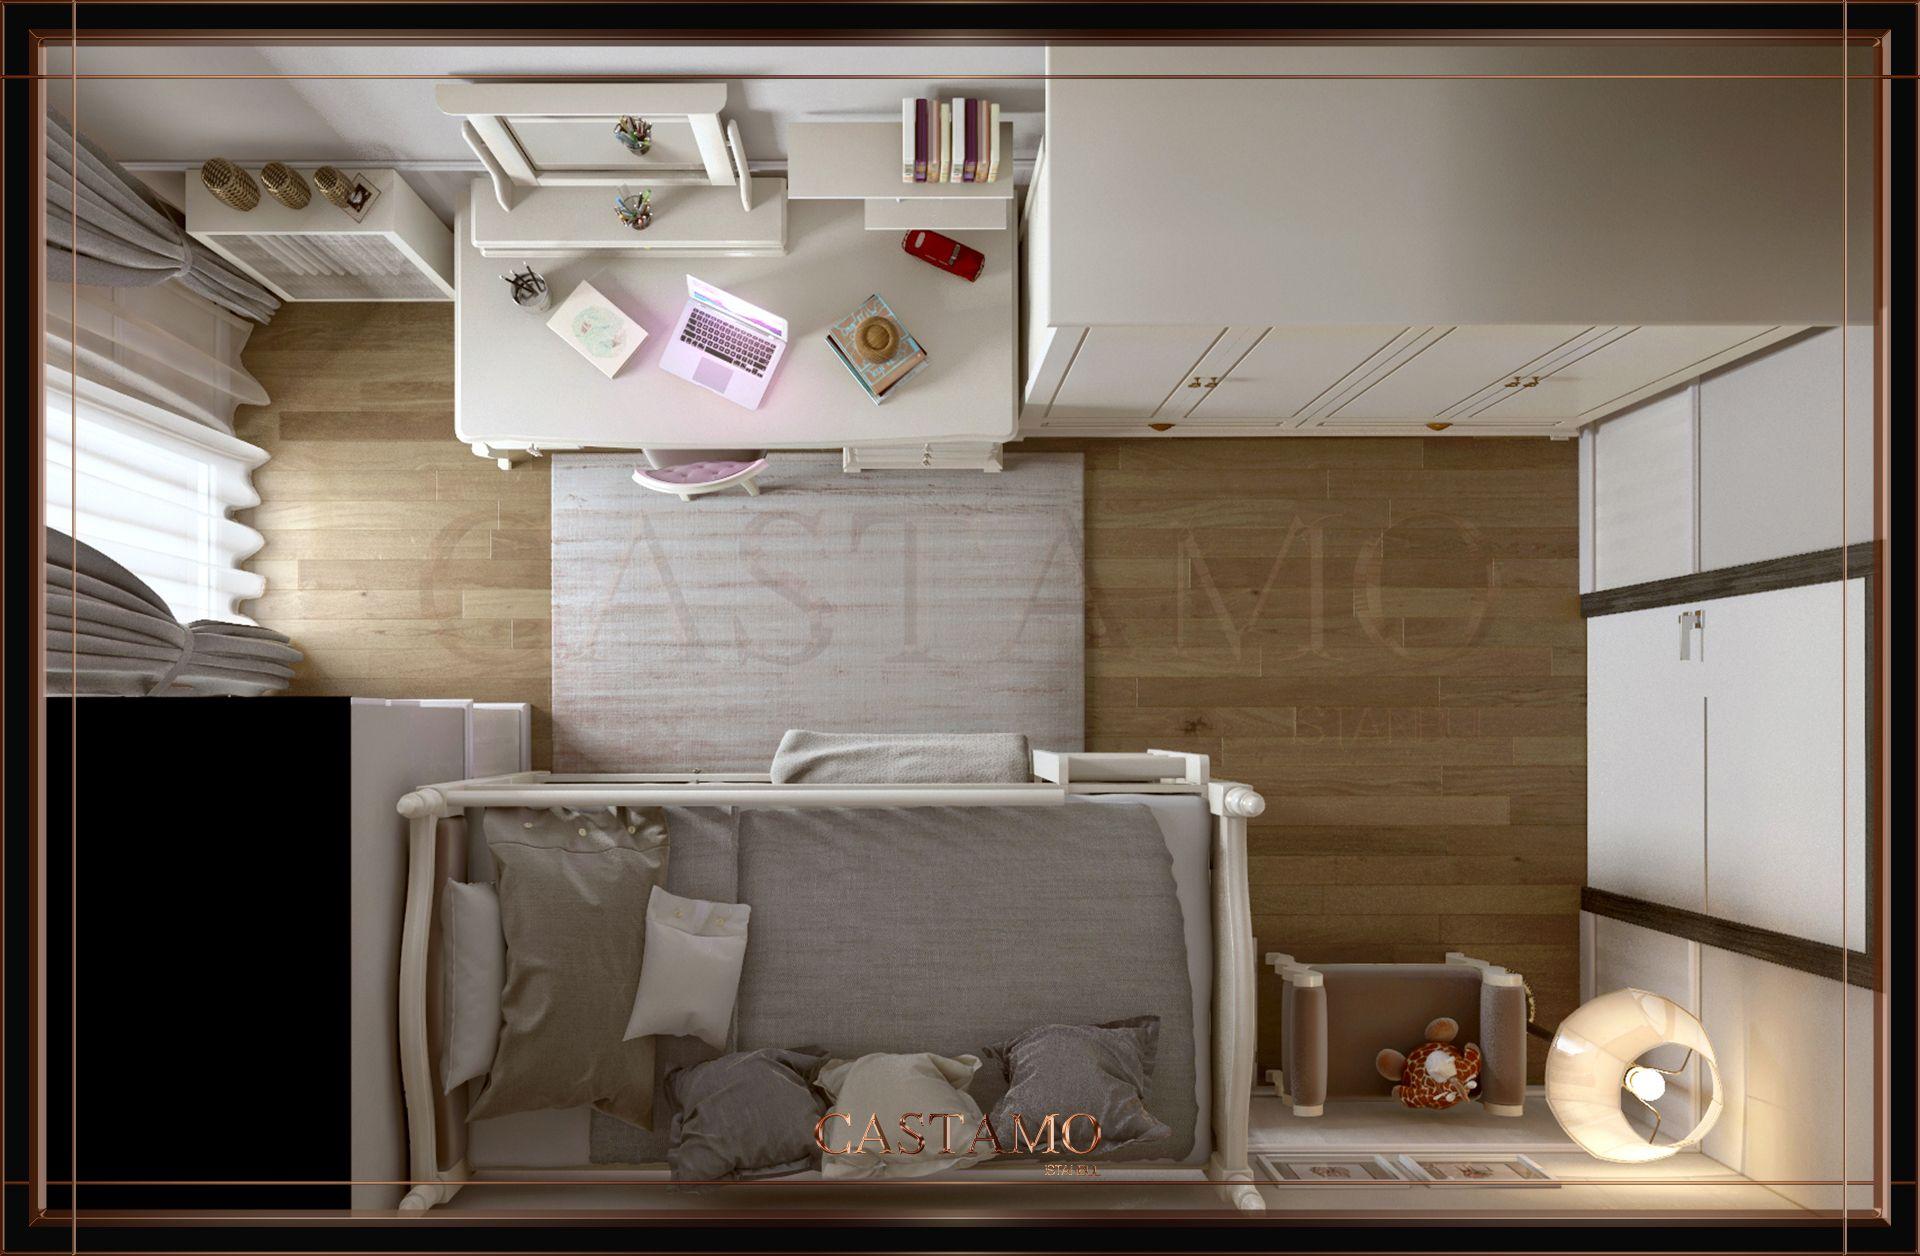 Kucuk Odalar Icin Tasarlanan Sik Tasarimi Ve Essiz Kalitesi Ile Ranza Modellerimizi Ve Diger Projelerimizi Incelemek Icin Size E Mobilya Modern Mobilya Modern